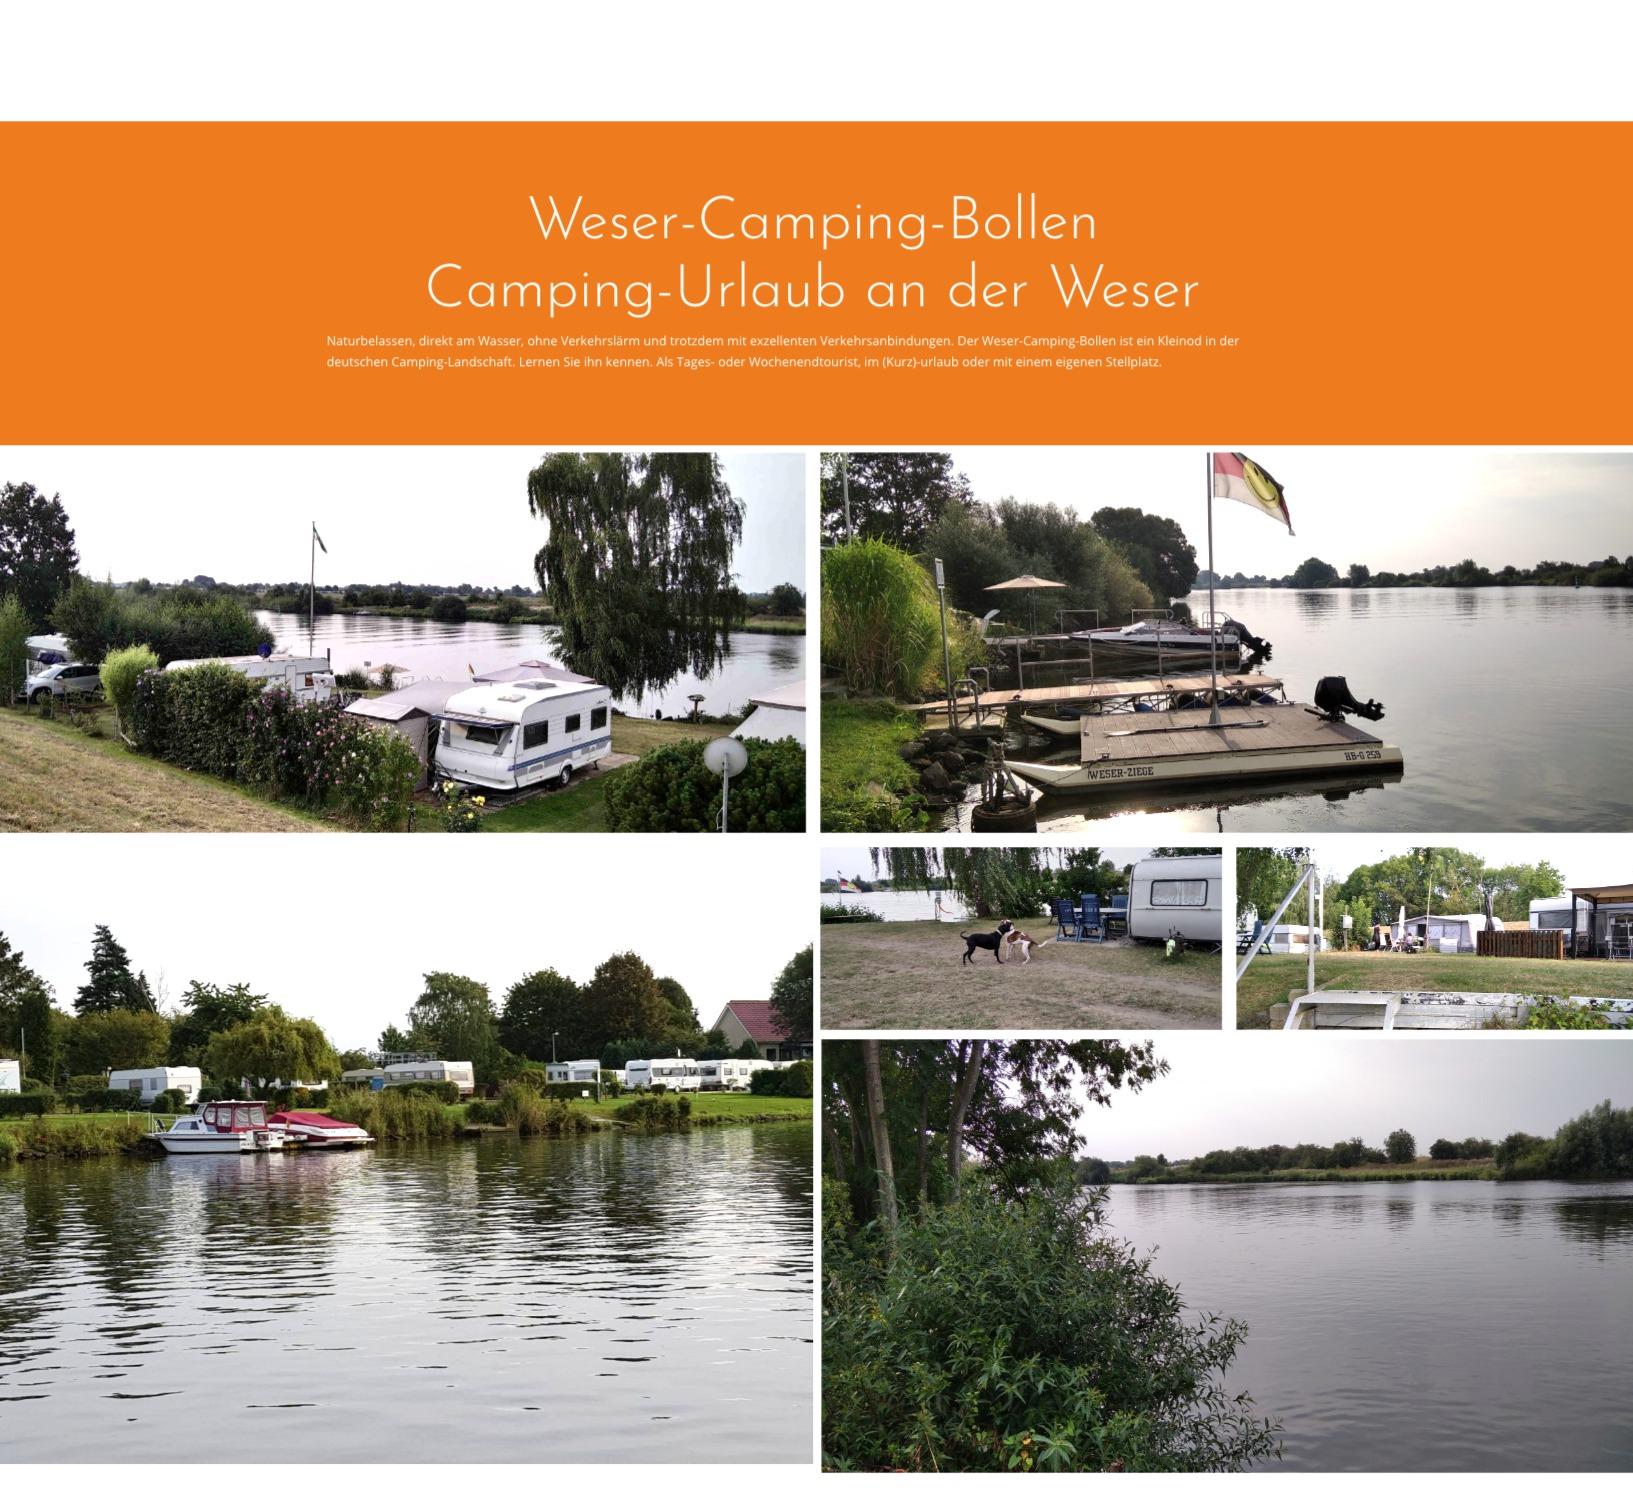 Campingplatz Weser-Bollen, Bremen